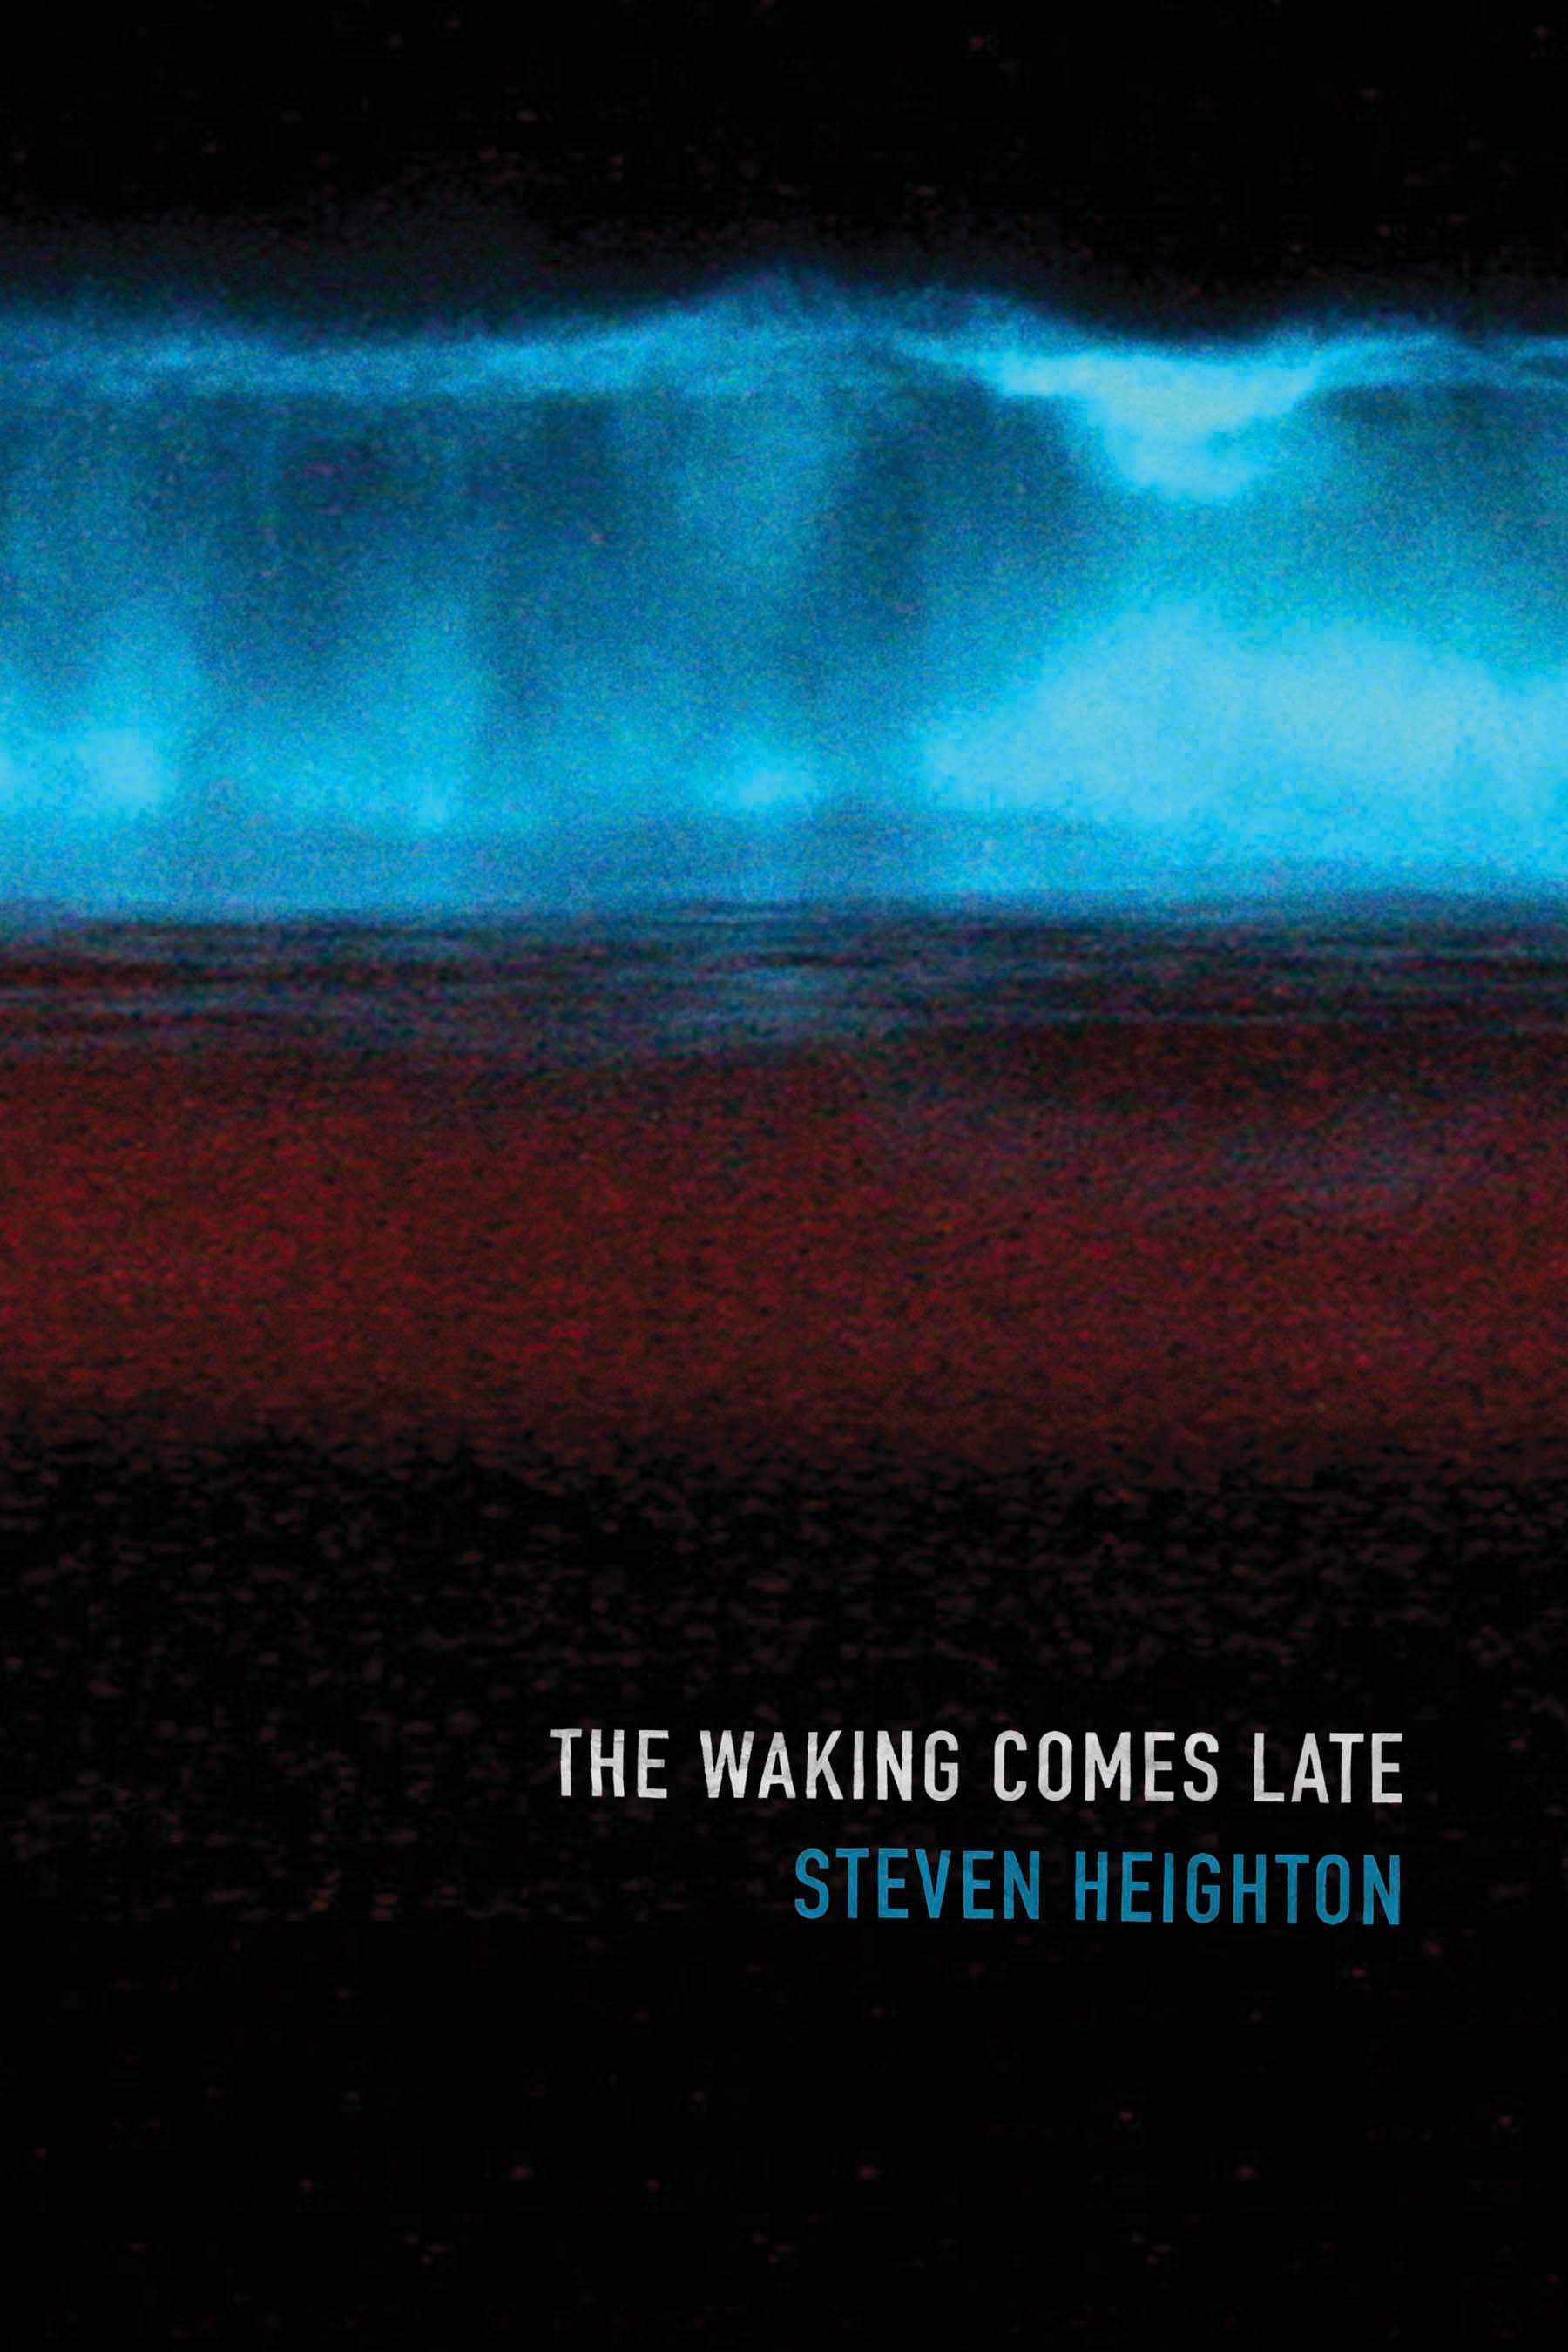 thewakingcomeslate